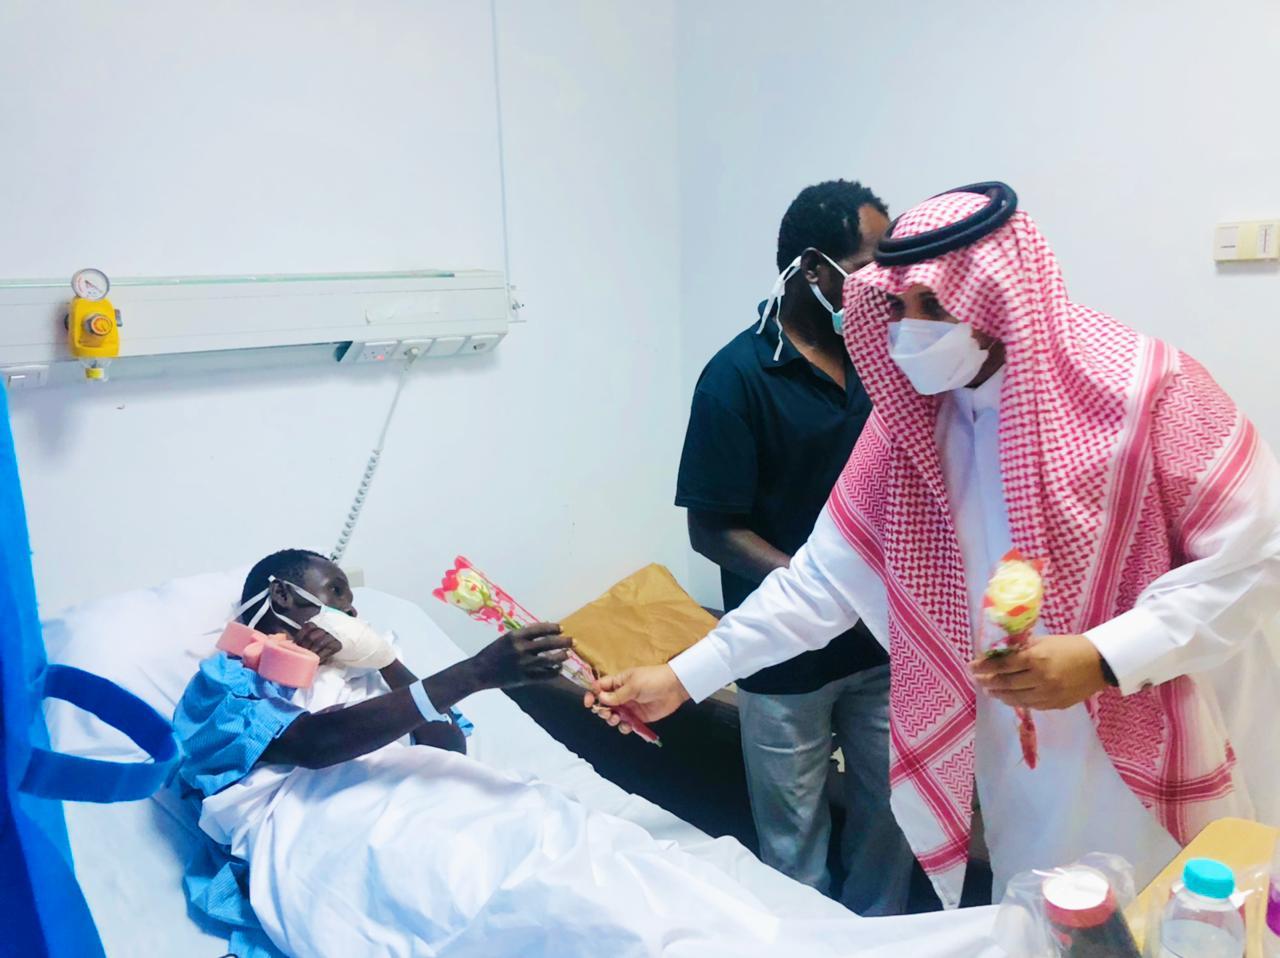 مدير مستشفى الحرث يعايد منسوبي المستشفى والمرضى المنومين